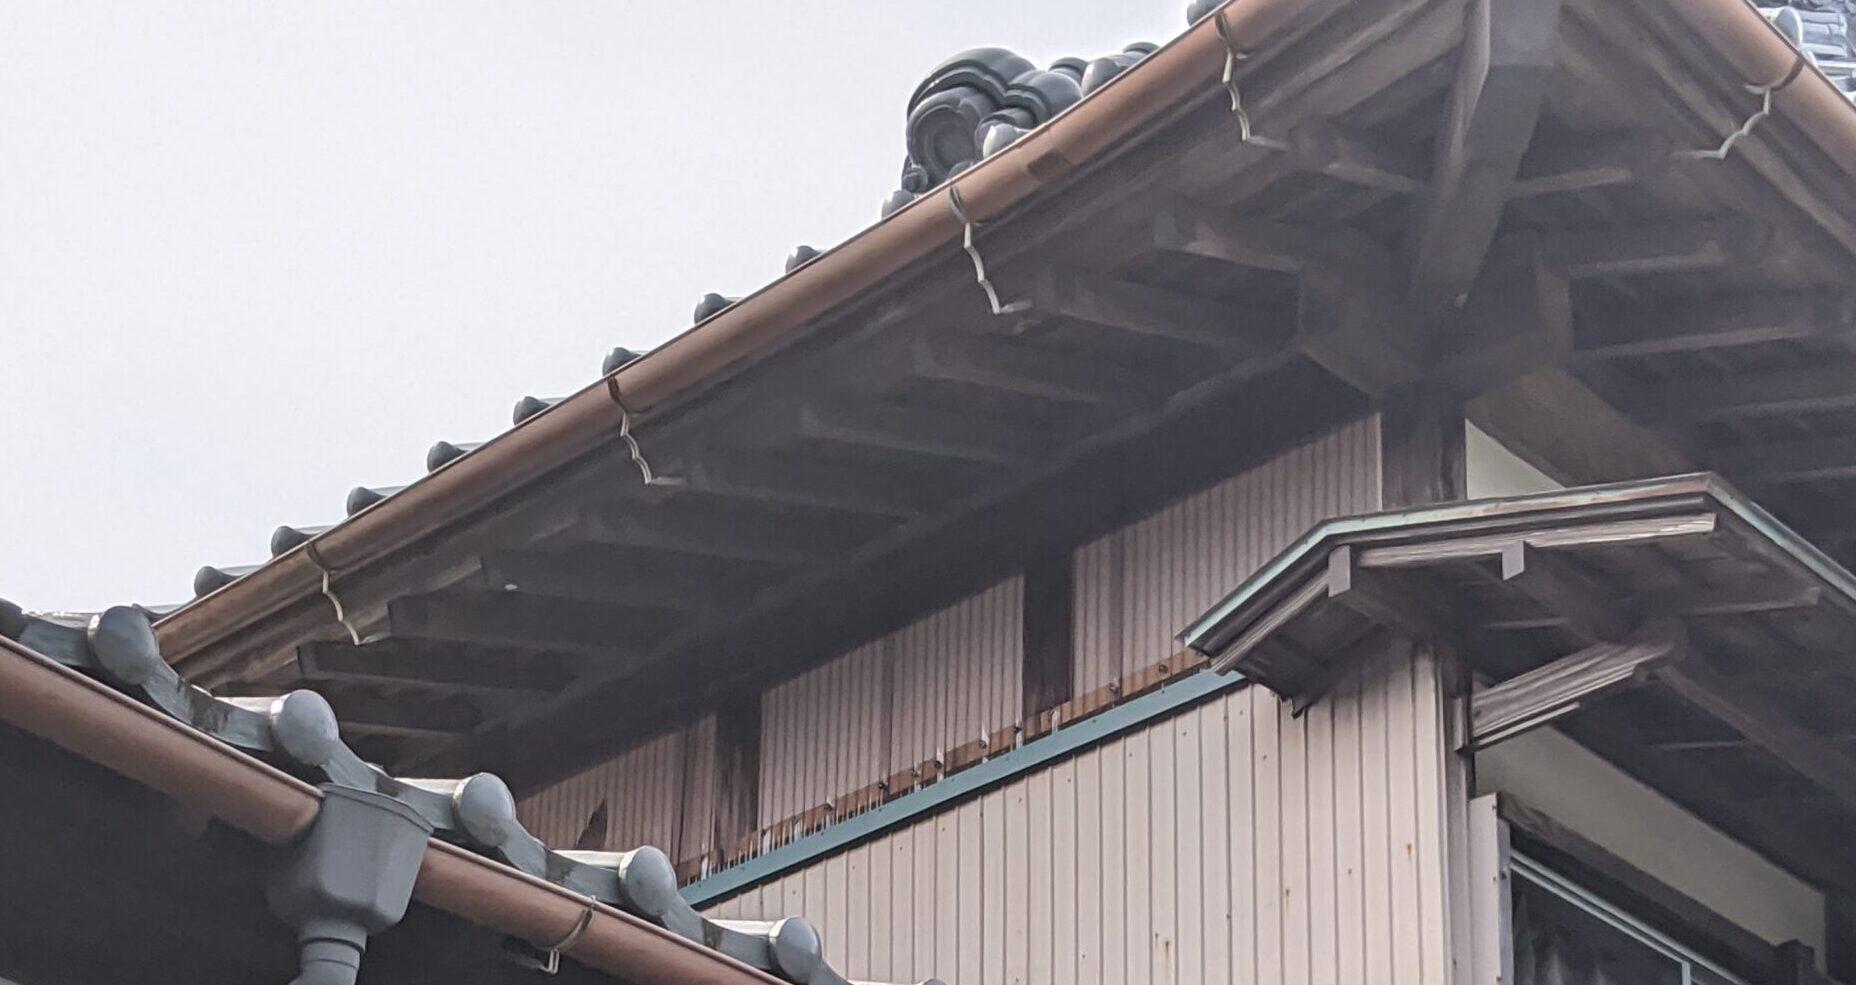 千葉県長生郡のスズメバチの駆除:施工後